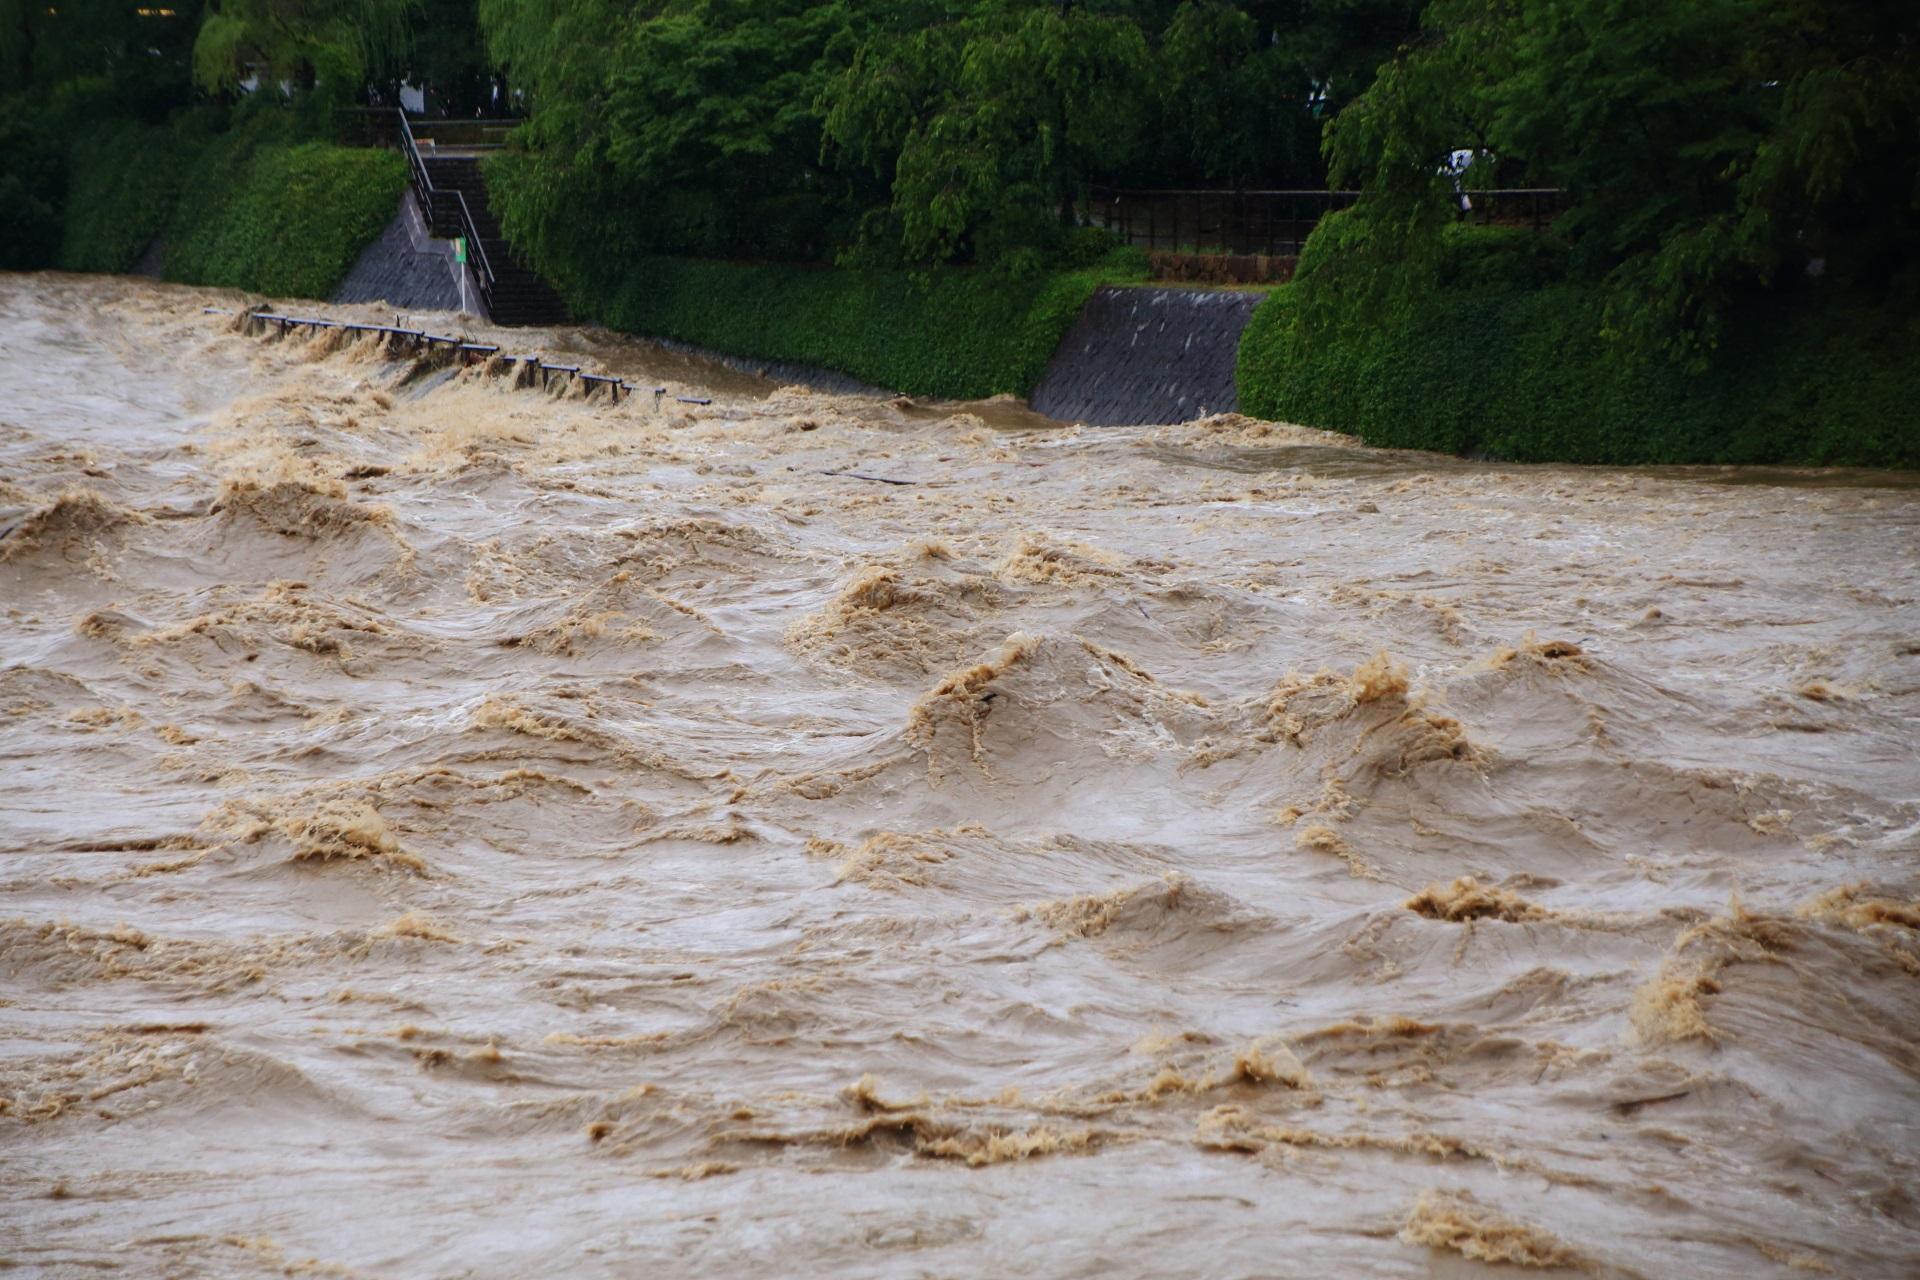 完全に激流にのまれる鴨川河川敷の歩道